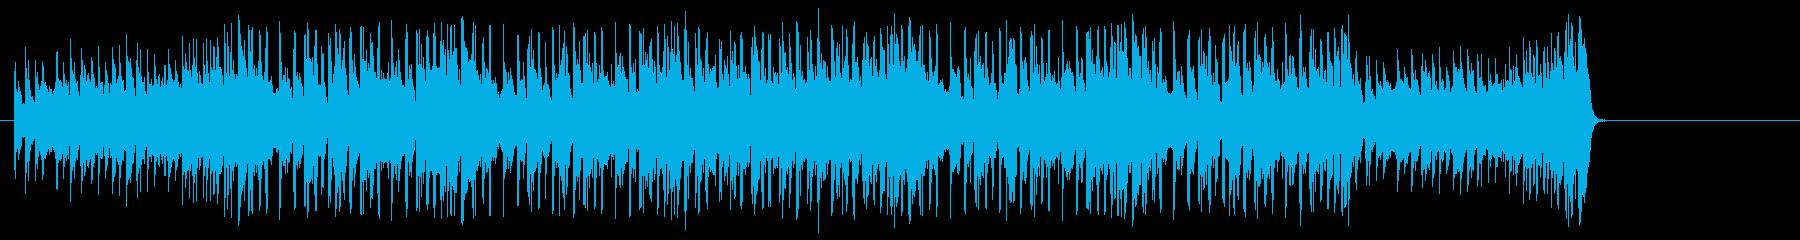 報道番組向きテクノの再生済みの波形